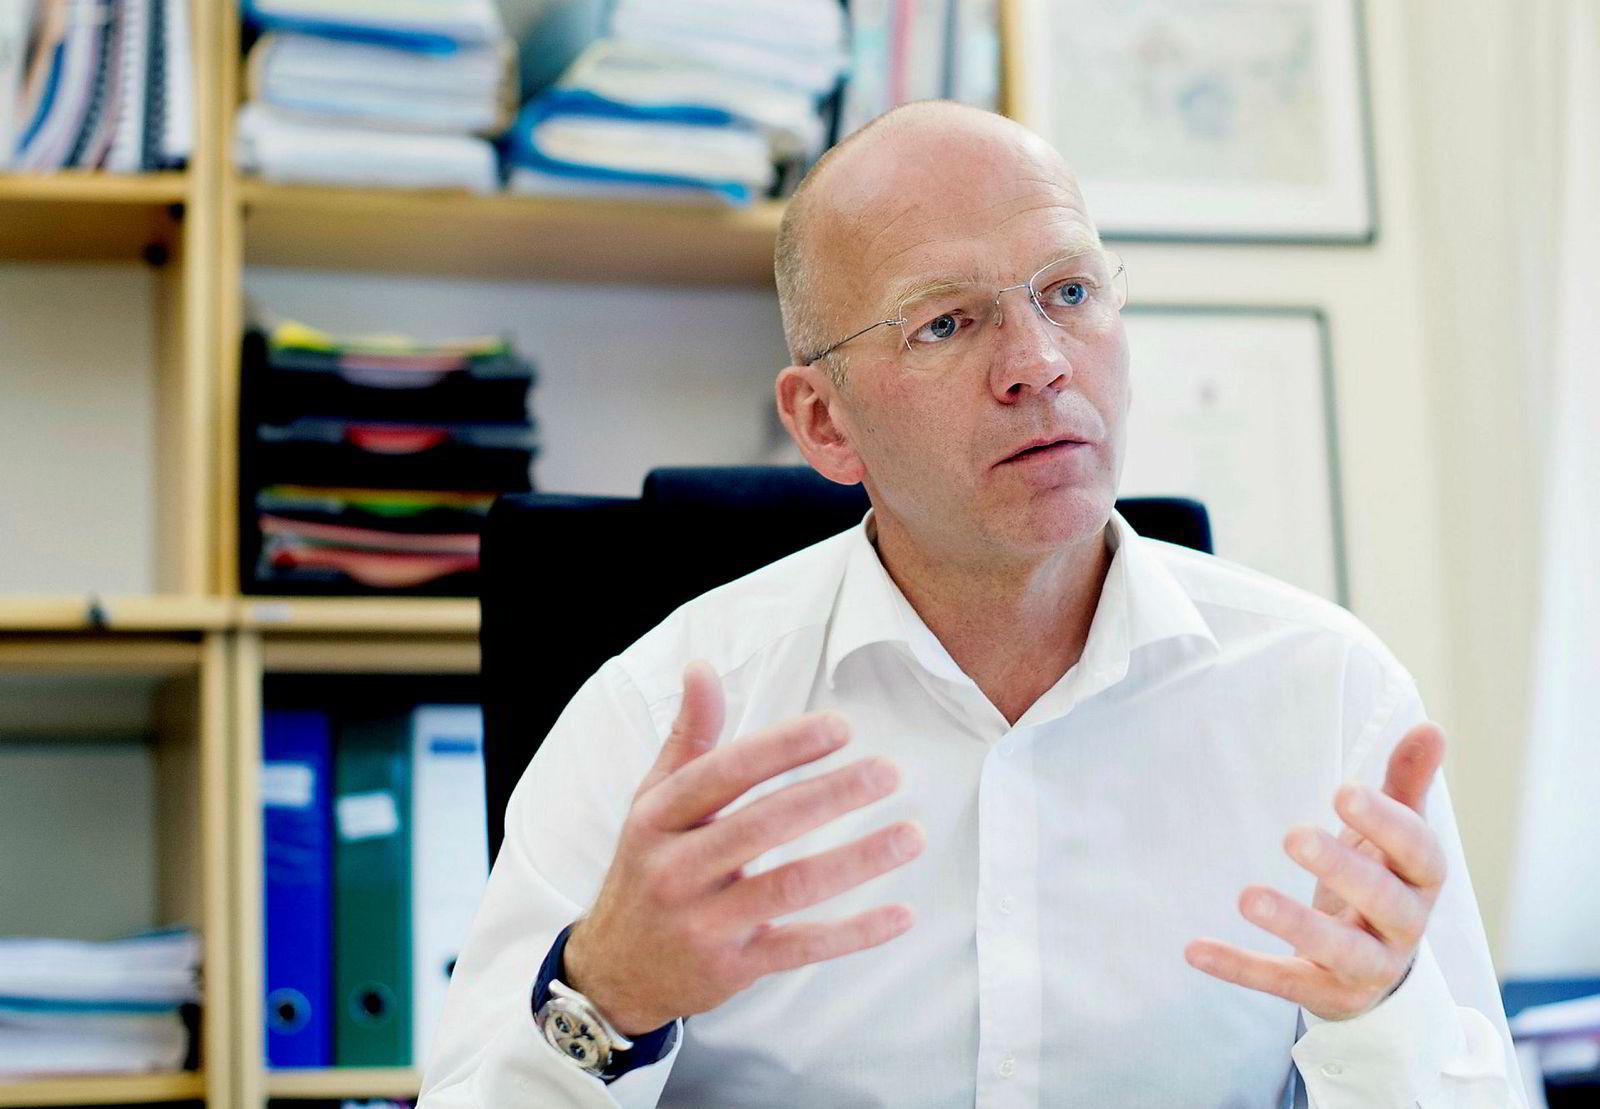 Christian Lundin er advokat og partner i advokatfirmaet Ness Lundin.